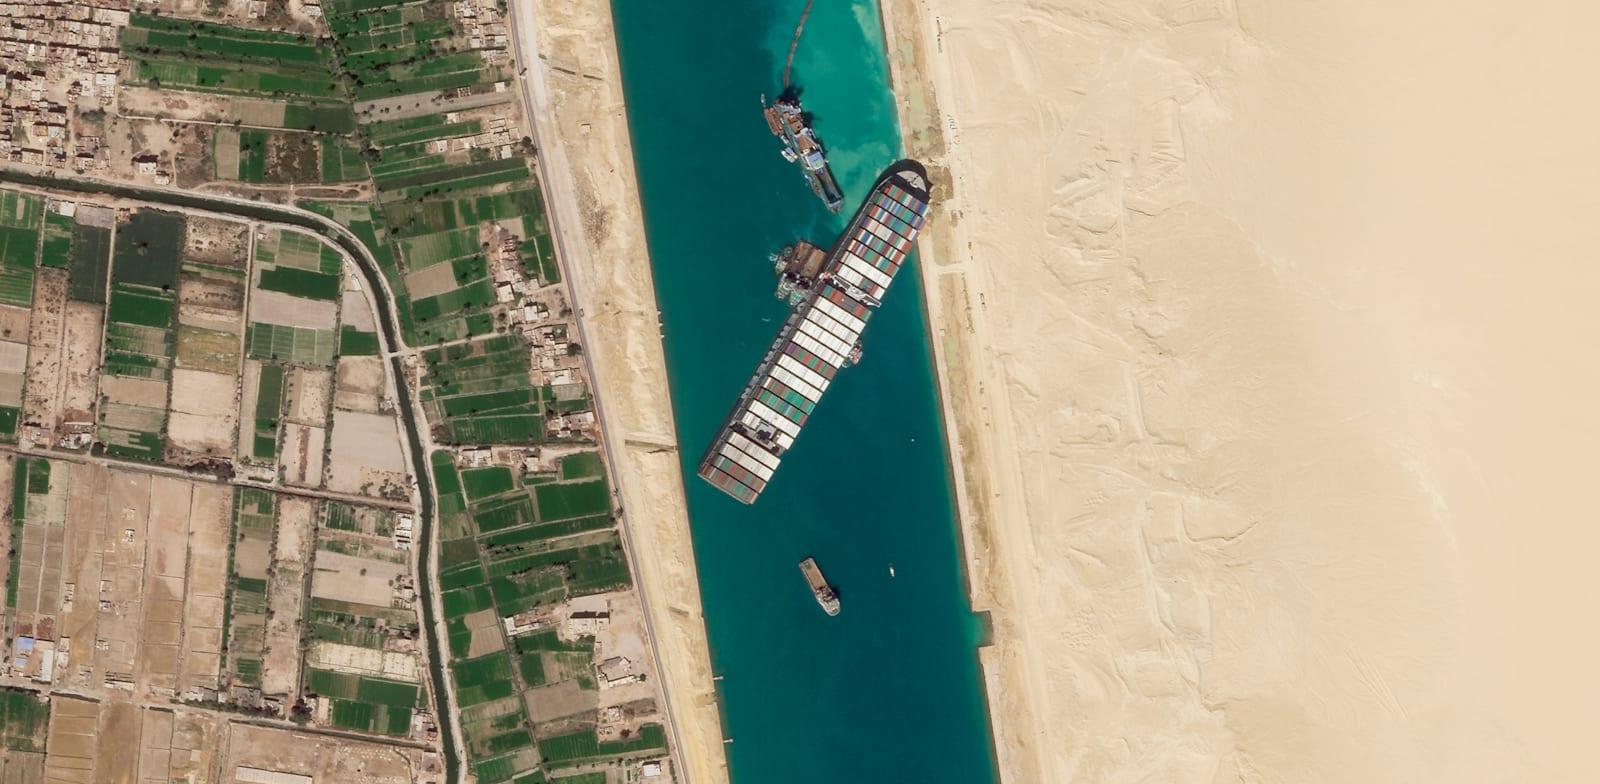 צילום לוויני של הספינה אבר גיבן תקועה בתעלת סואץ. הבוקר נרשמה התקדמות משמעותית בחילוץ הספינה / צילום: Associated Press, Planet Labs Inc